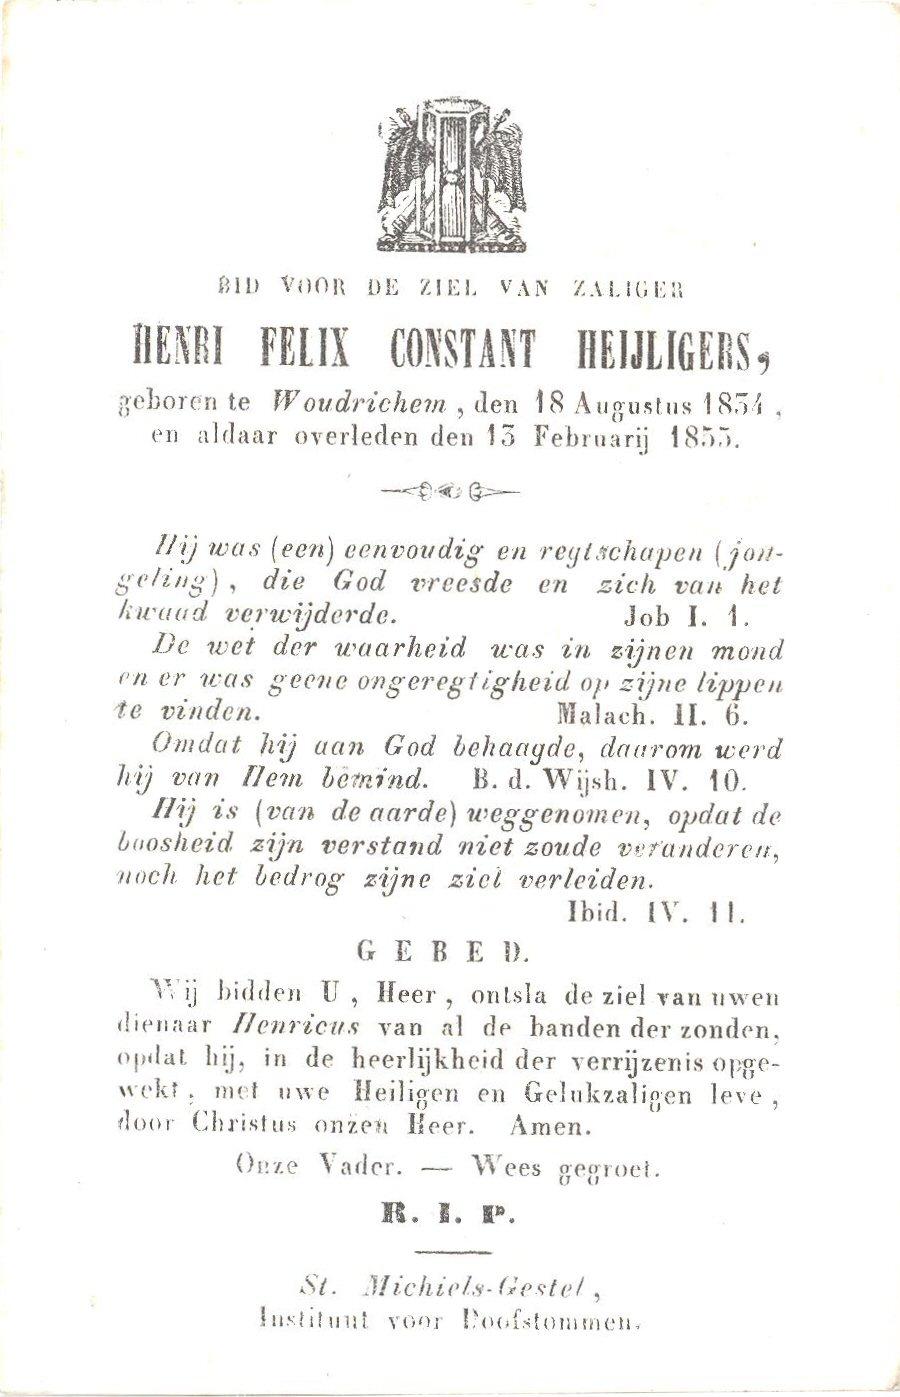 BIDP-018b 1834-Henri Felix Constant Heijligers